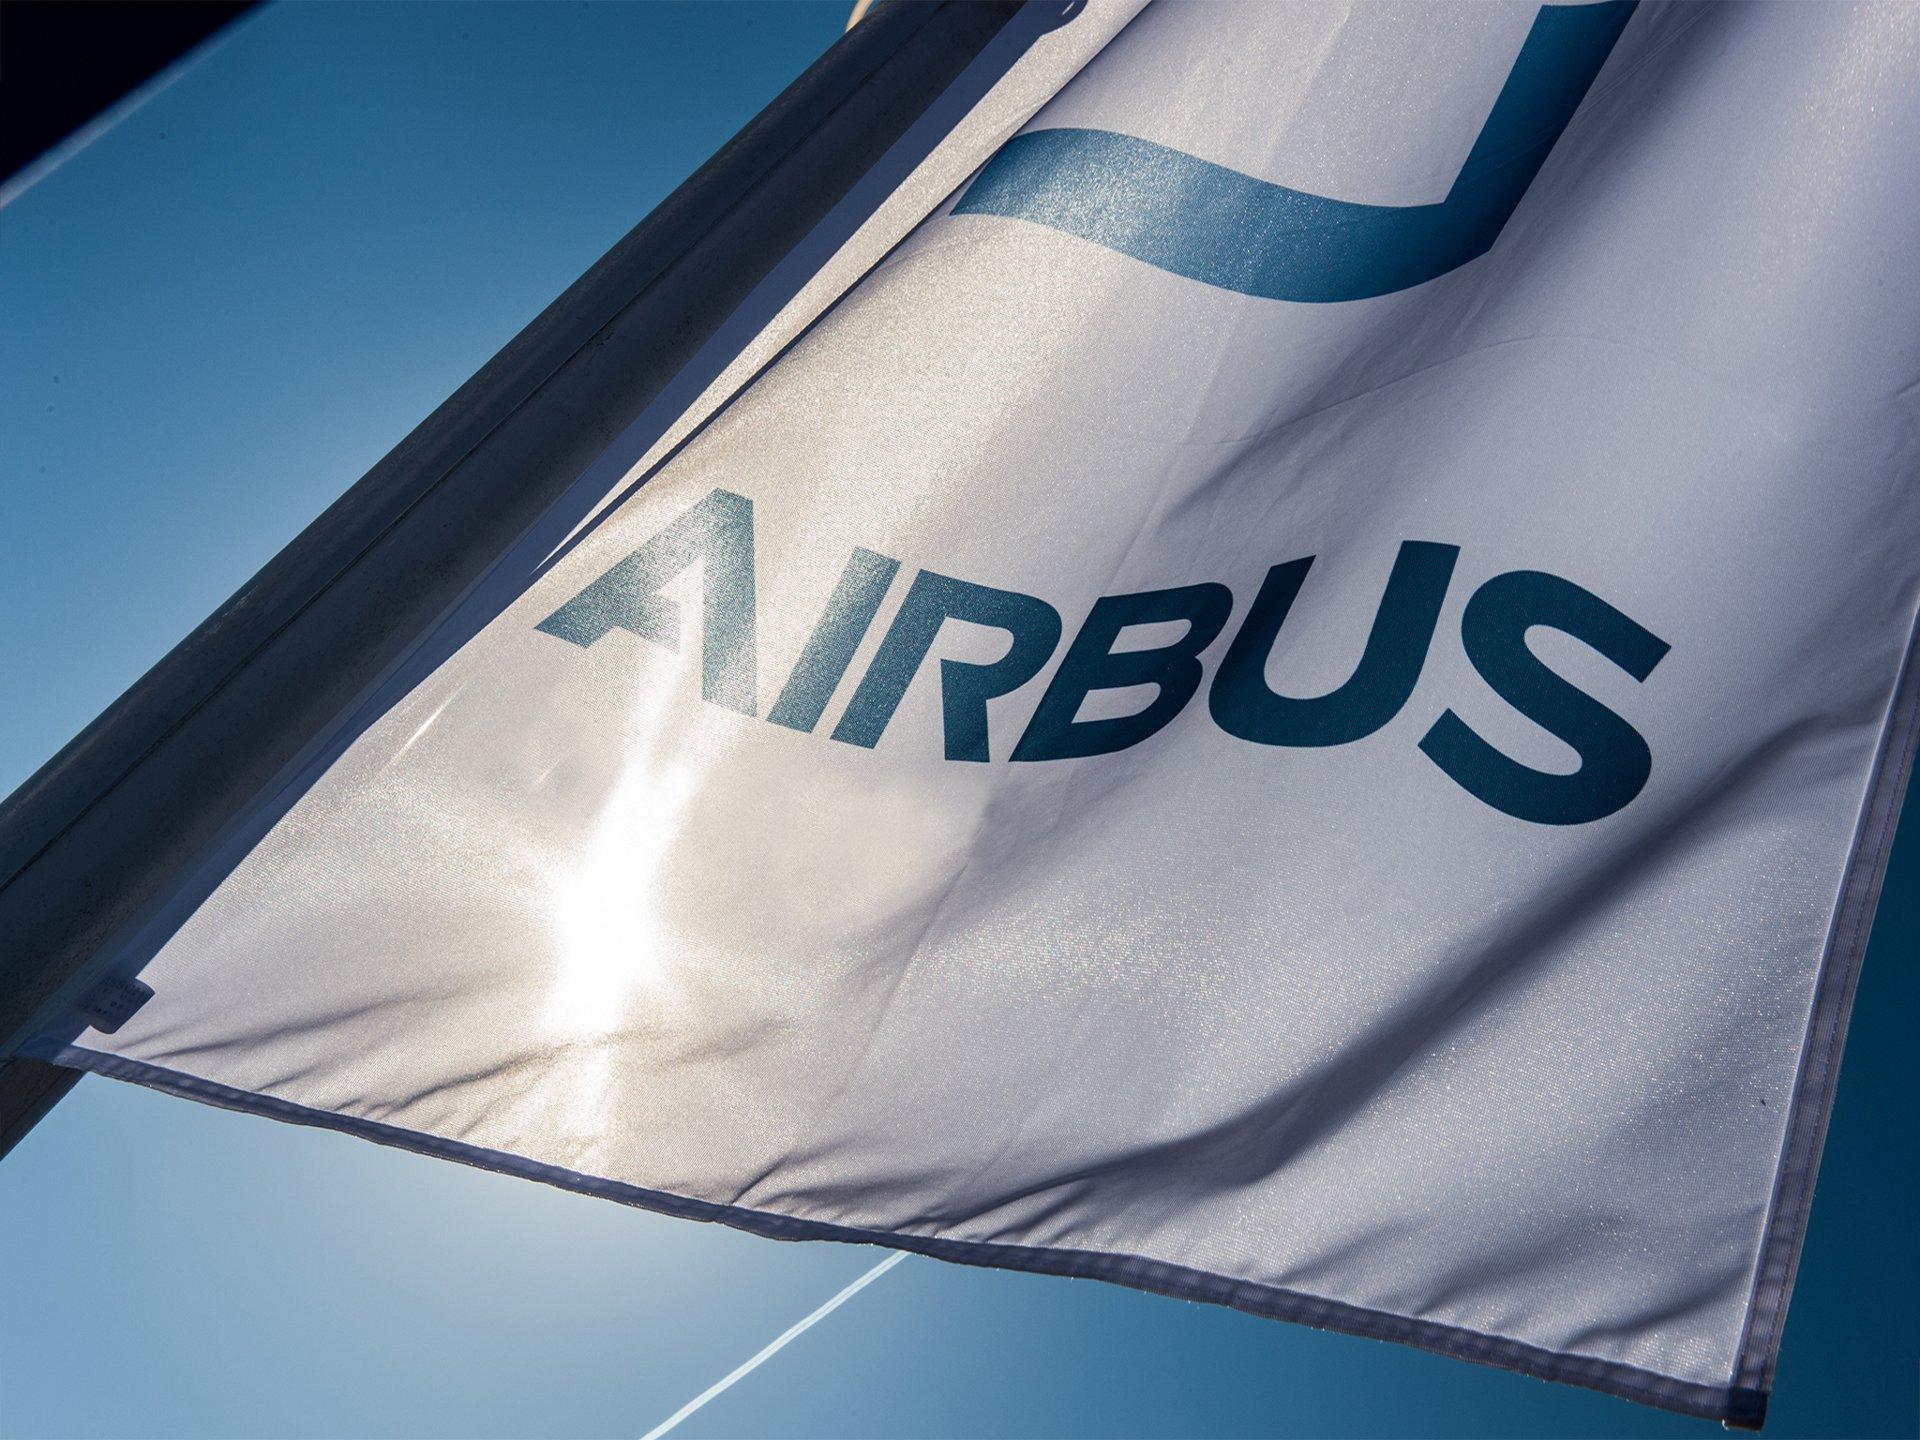 Airbus-flag